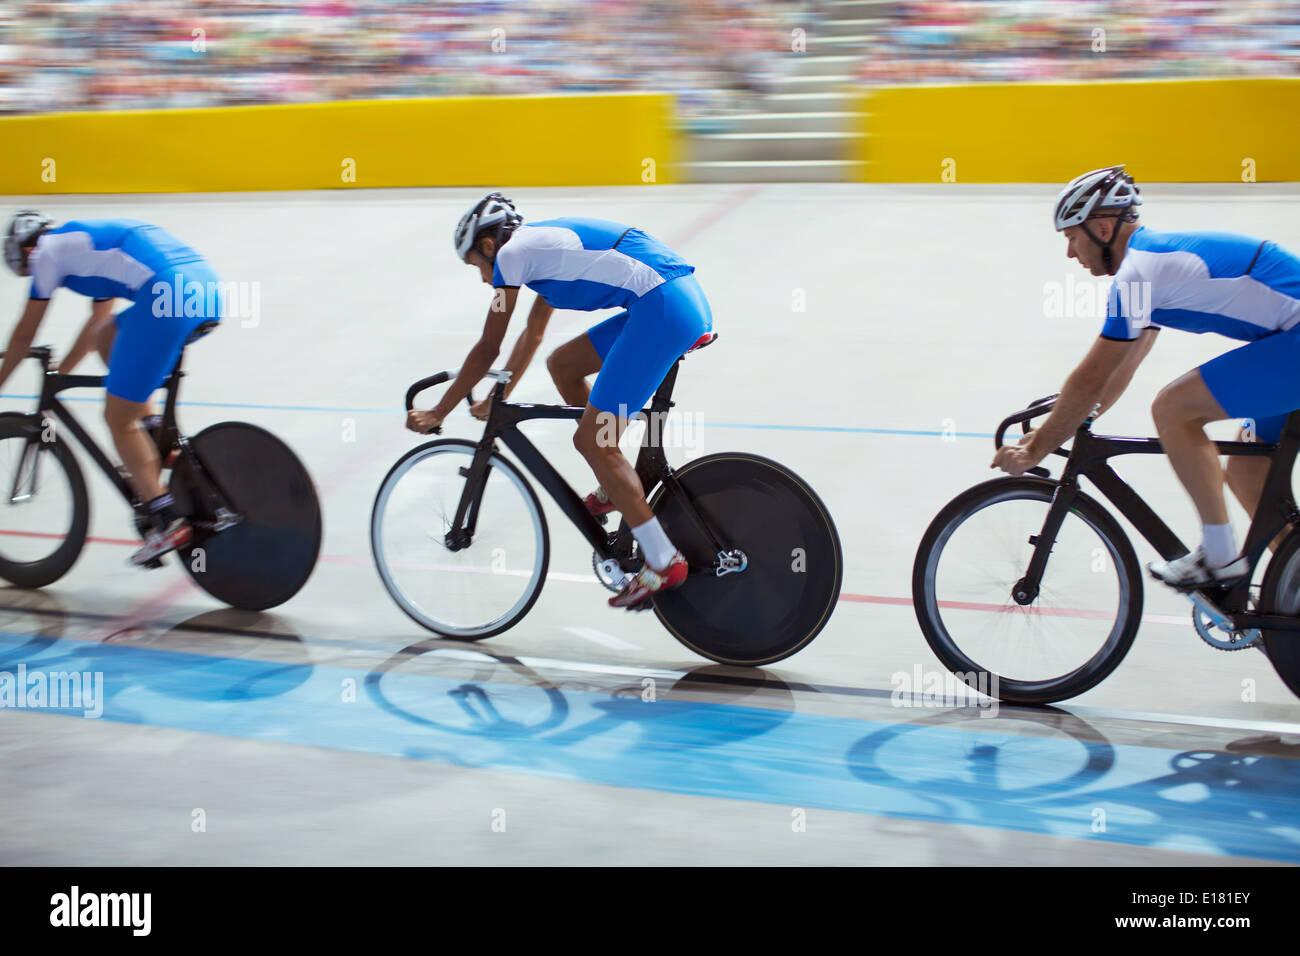 Via squadra di ciclismo equitazione in velodromo Immagini Stock